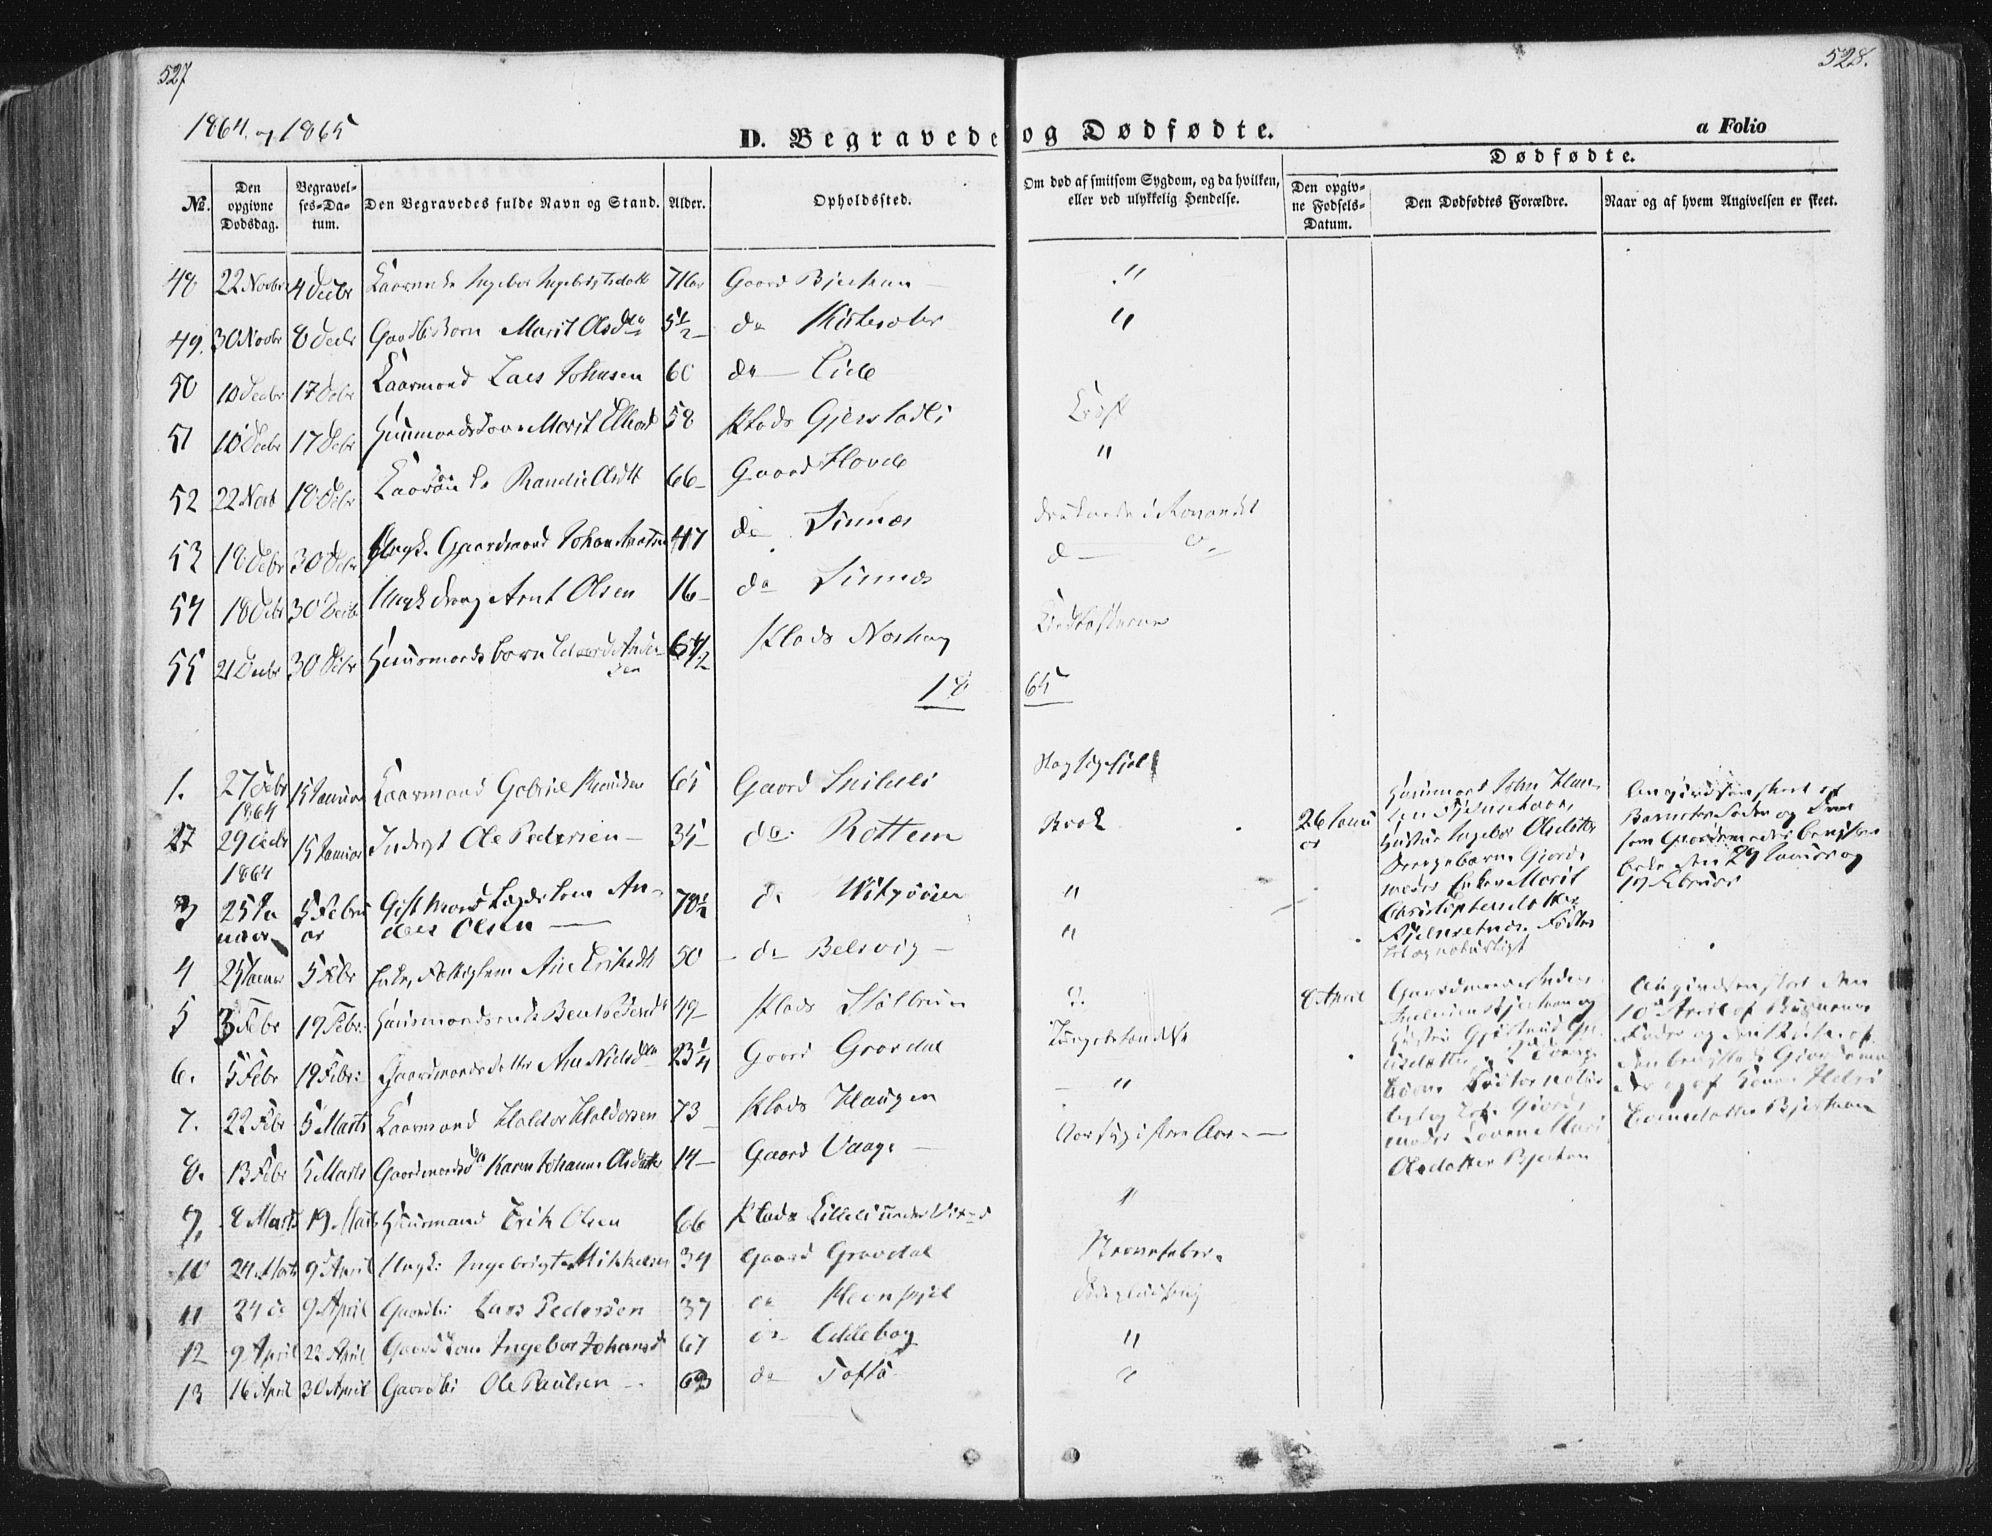 SAT, Ministerialprotokoller, klokkerbøker og fødselsregistre - Sør-Trøndelag, 630/L0494: Ministerialbok nr. 630A07, 1852-1868, s. 527-528